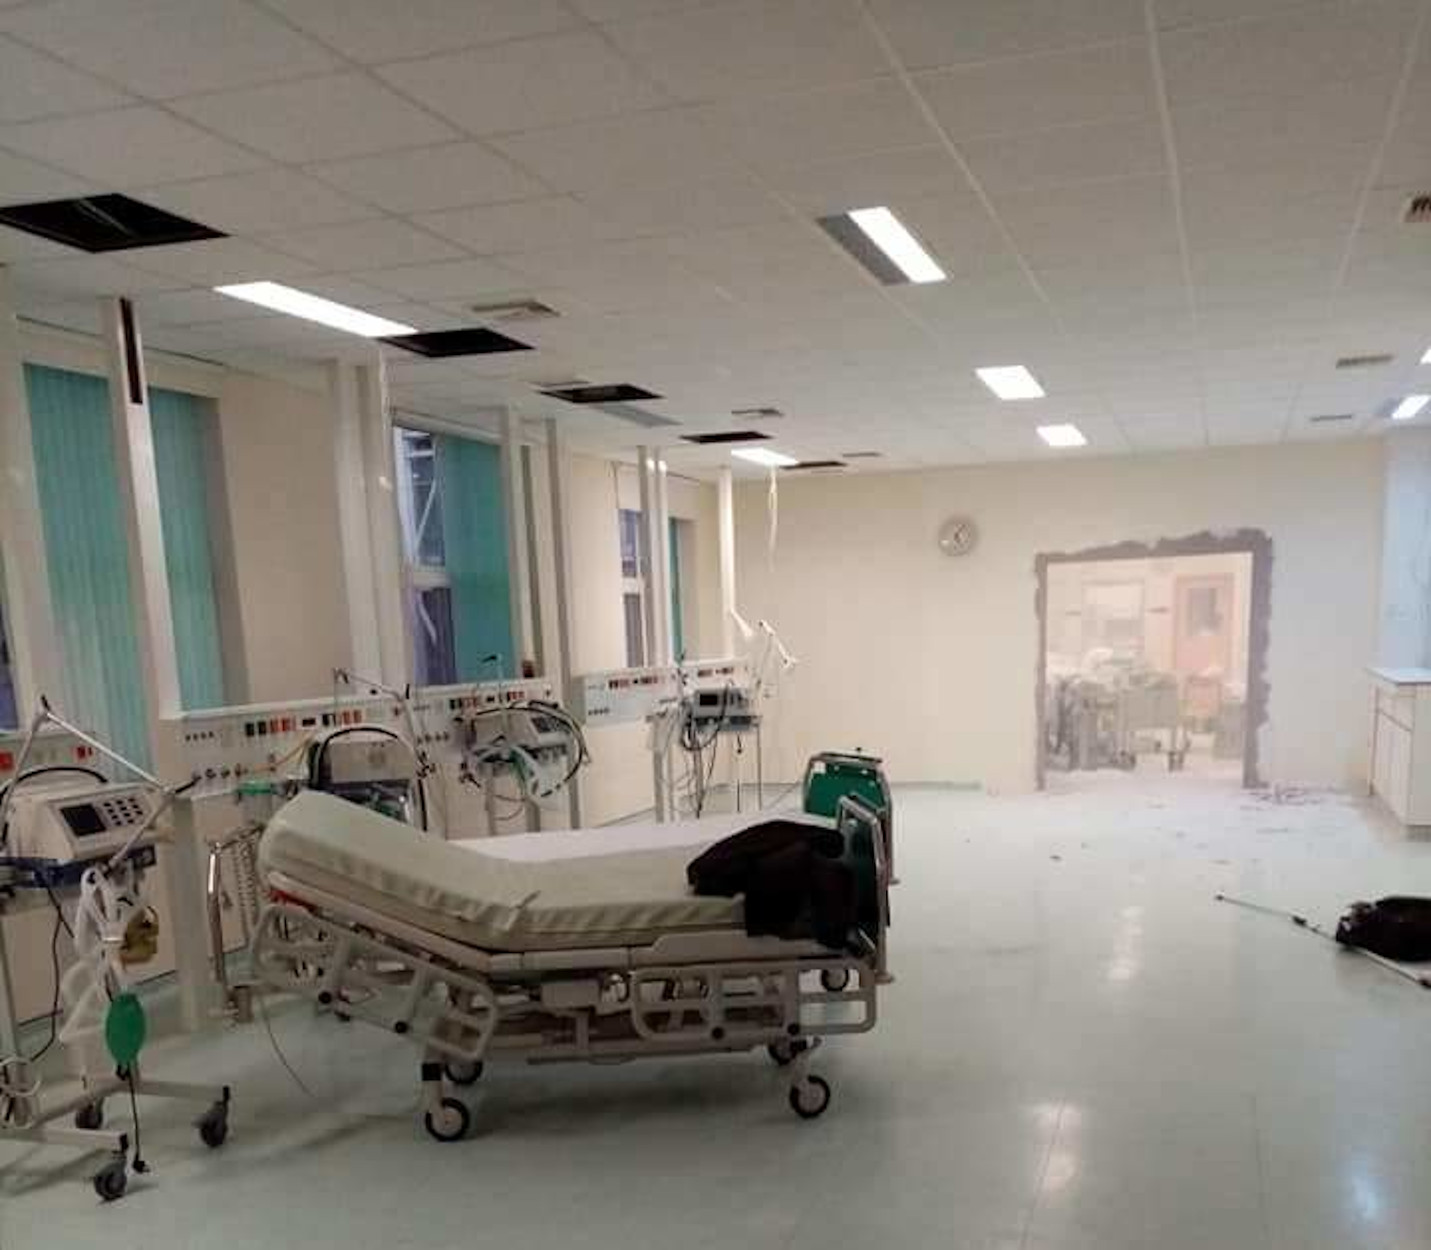 Αλεξανδρούπολη: Γκρεμίζουν στο Γενικό Νοσοκομείο για να φτιάξουν νέα ΜΕΘ! (pic)